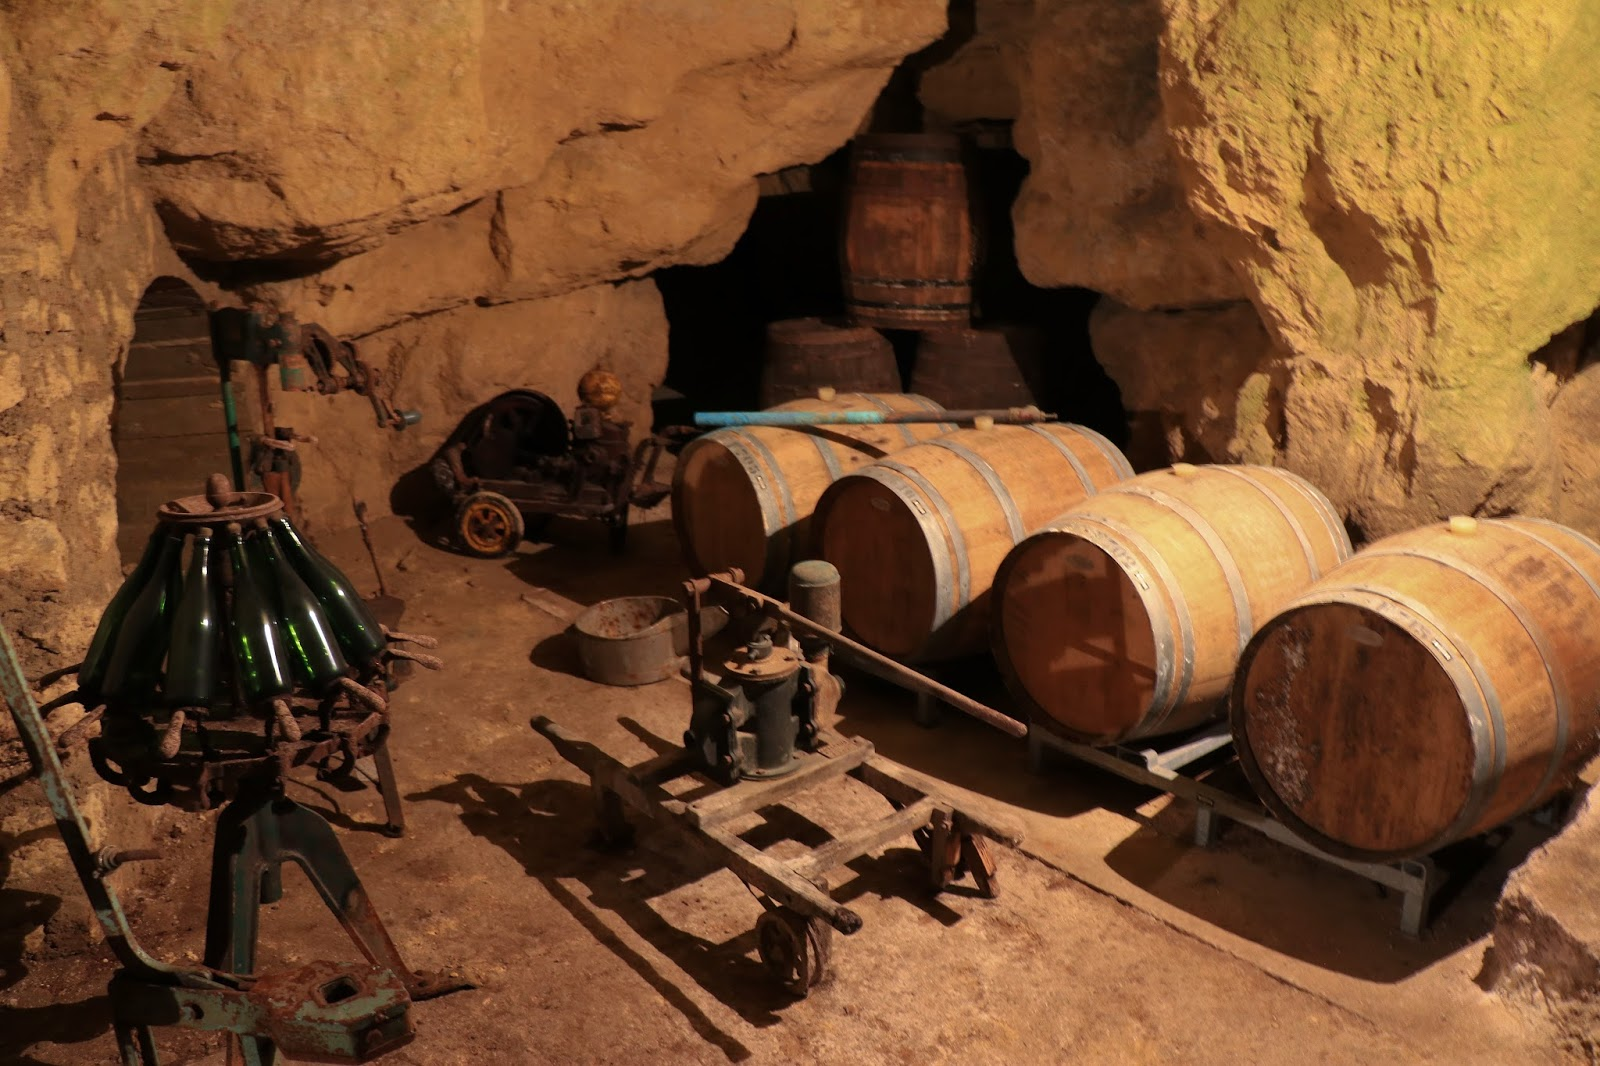 les gommettes de melo chateau thierry festival champagne et vous vigne route vin picardie aisne tourisme activites famille city guide vacances caves pannier